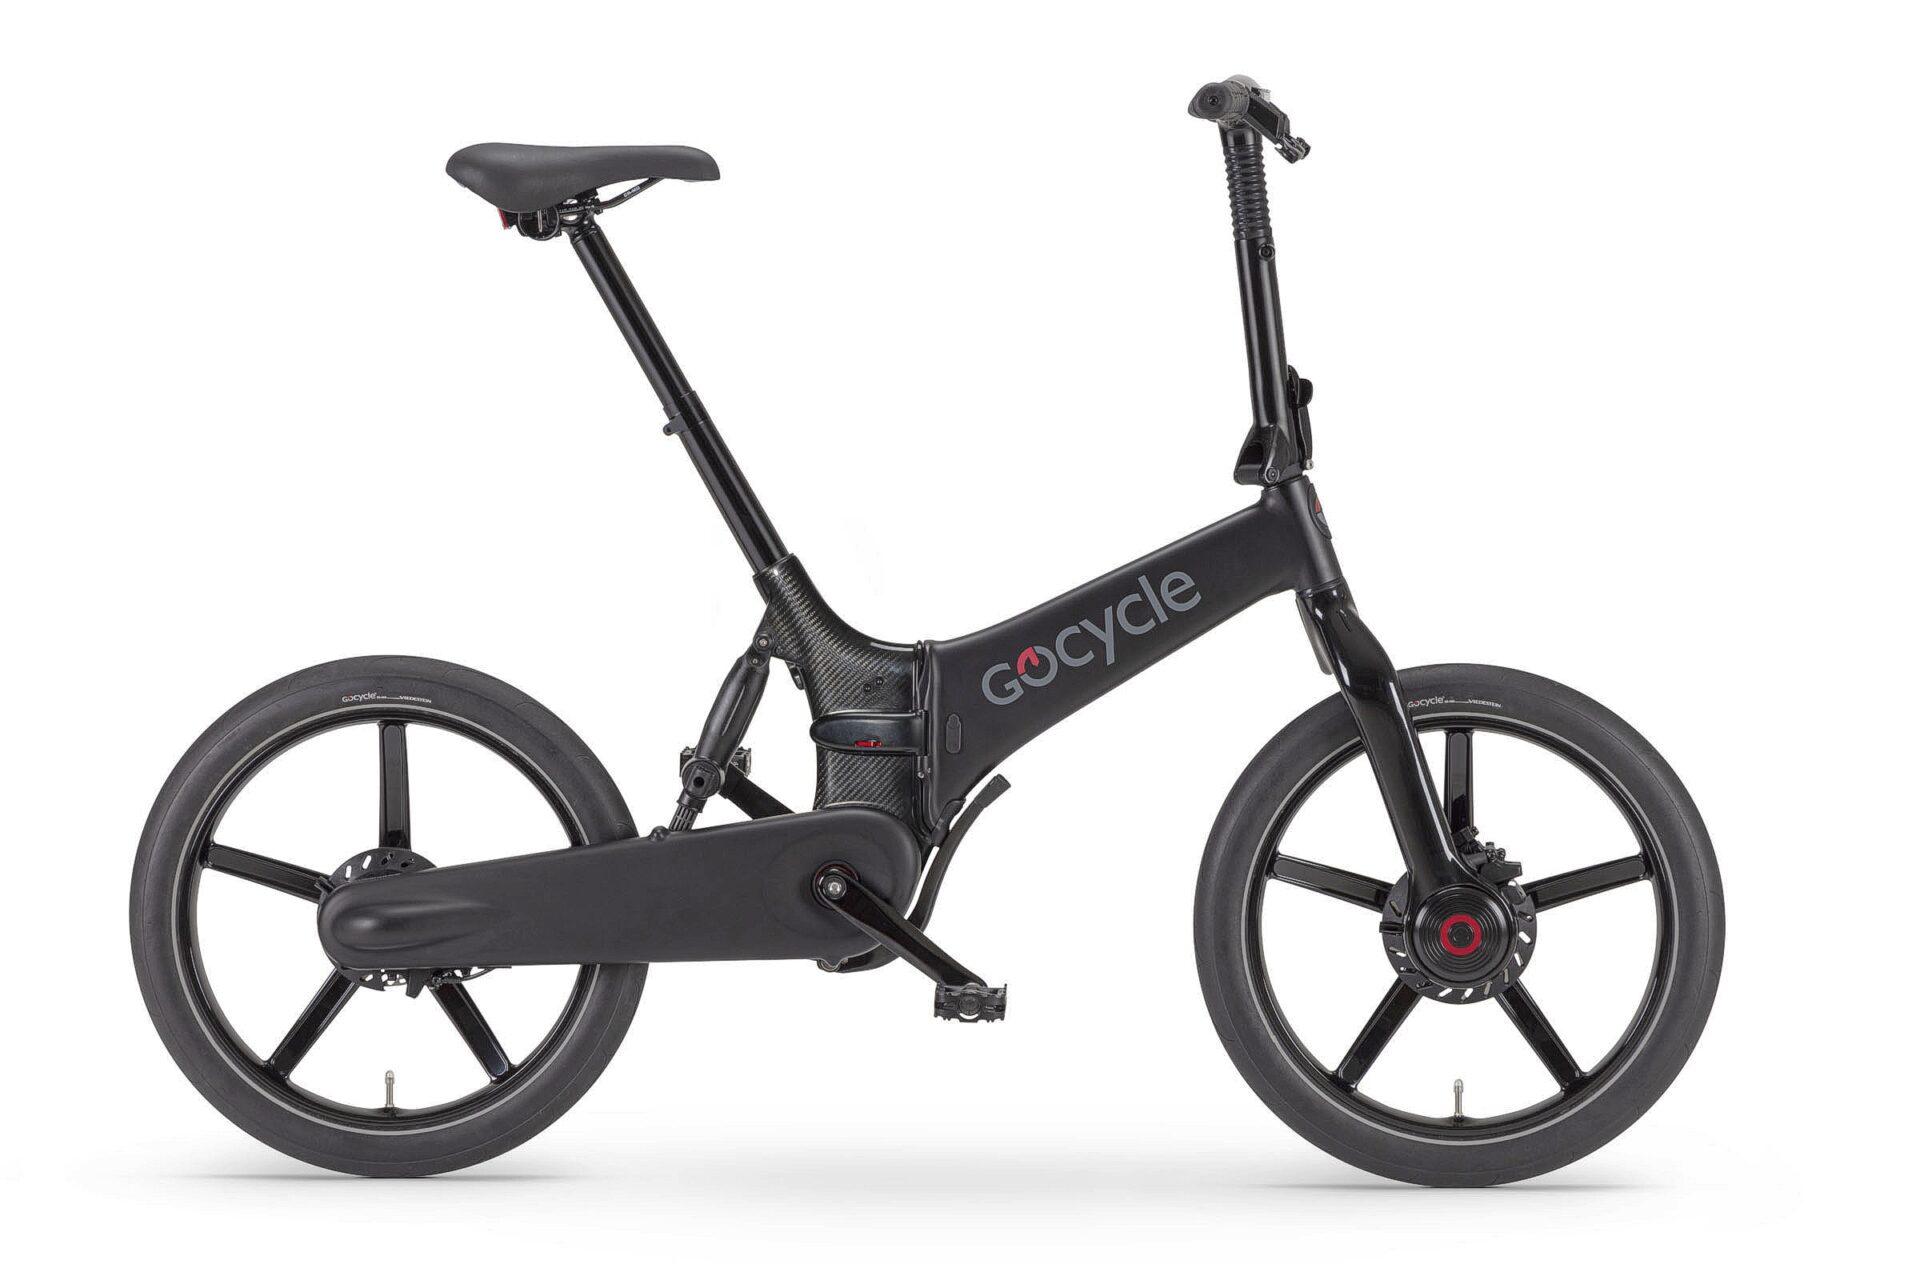 Gocycle G4i črne mat barve